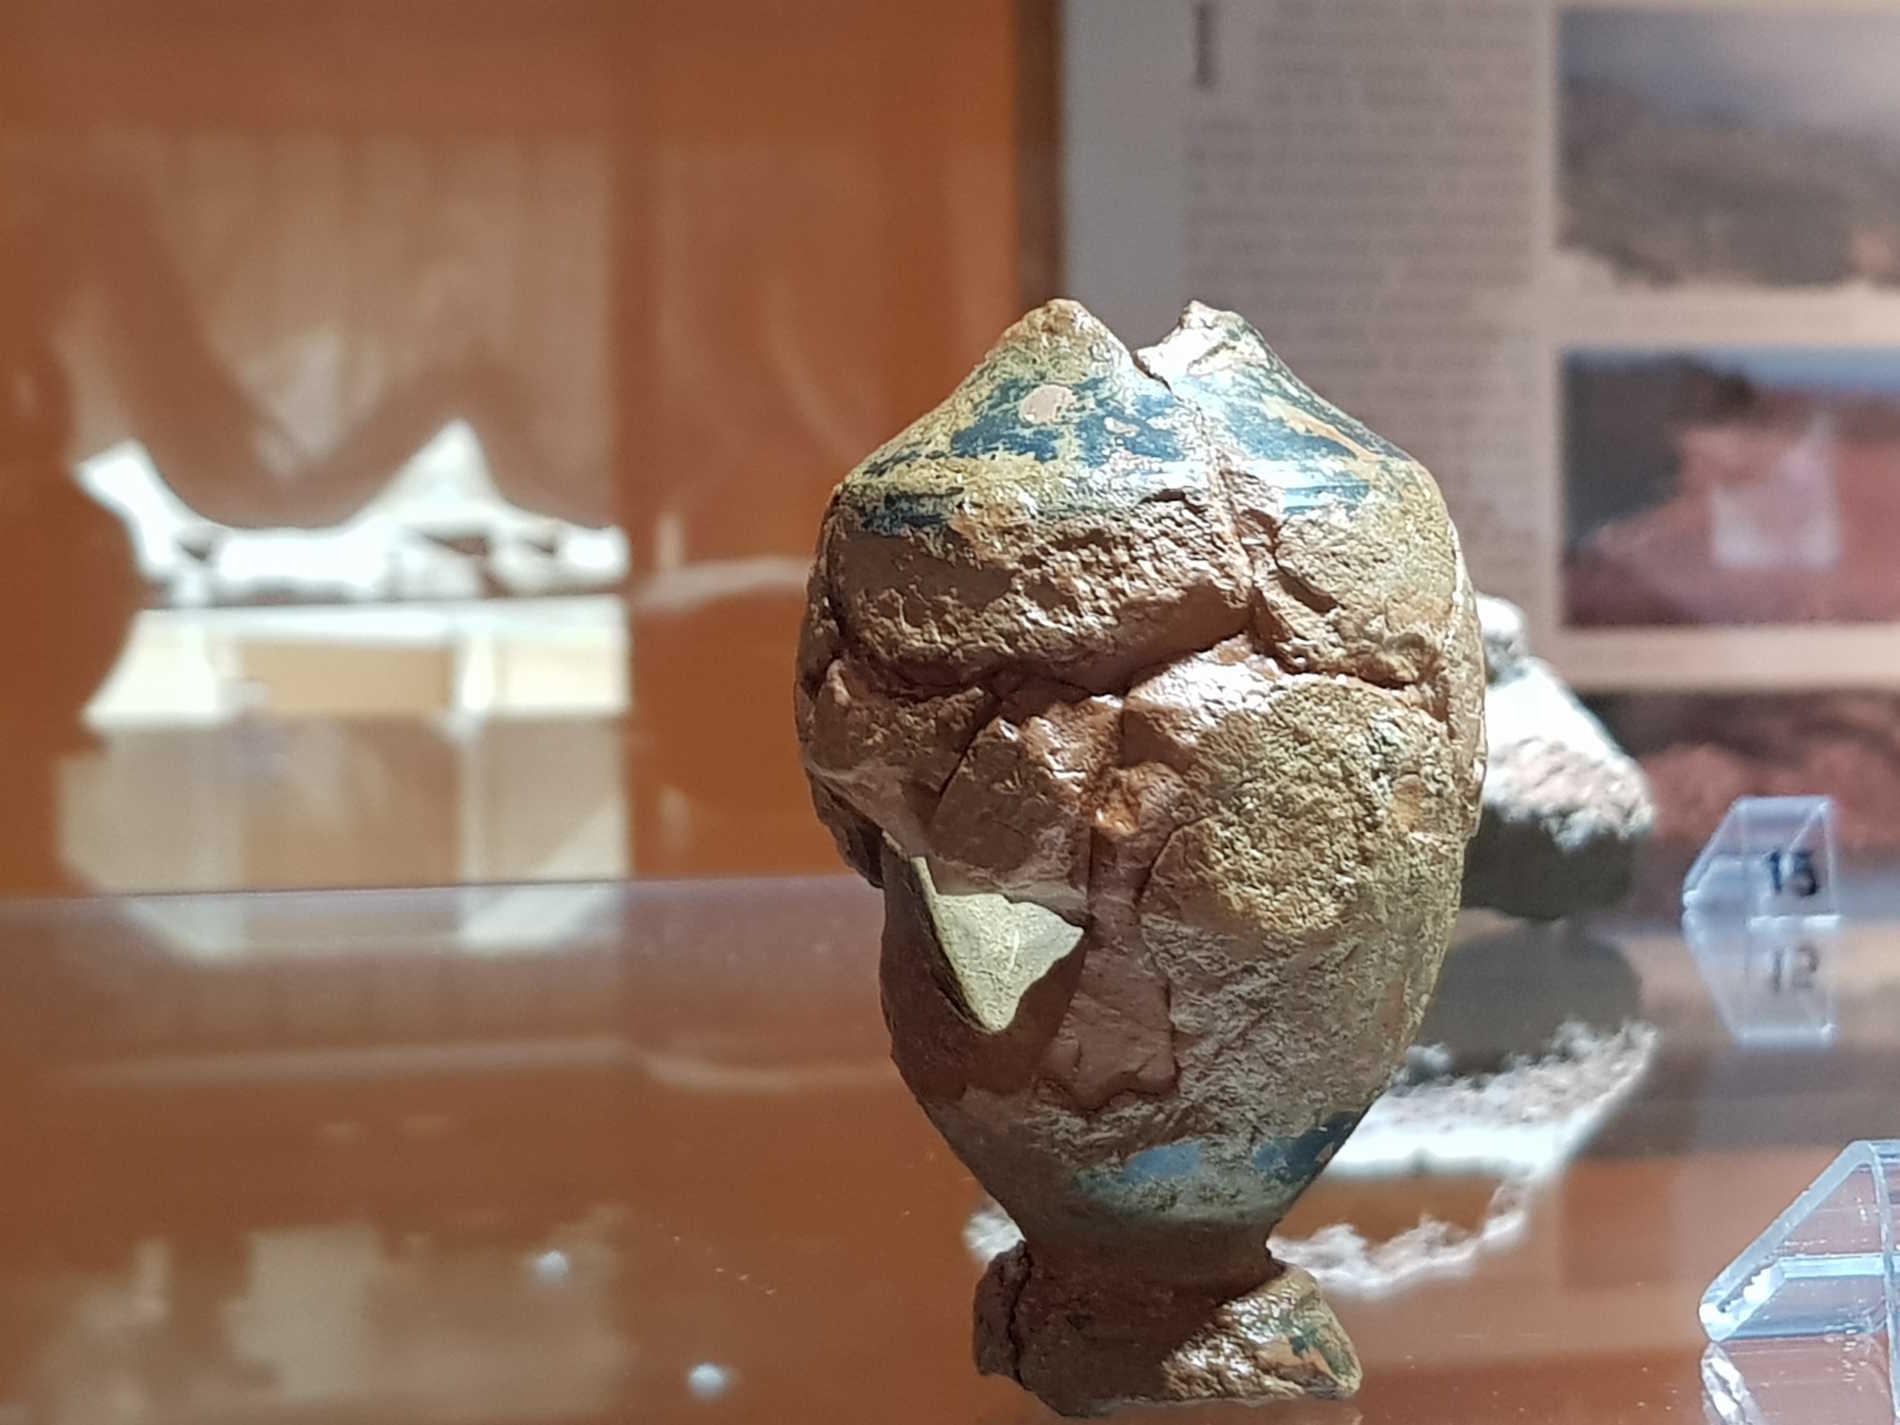 Cetraro museo dei Brettii e del Mare Reperti rinvenuti nella necropoli di Treselle